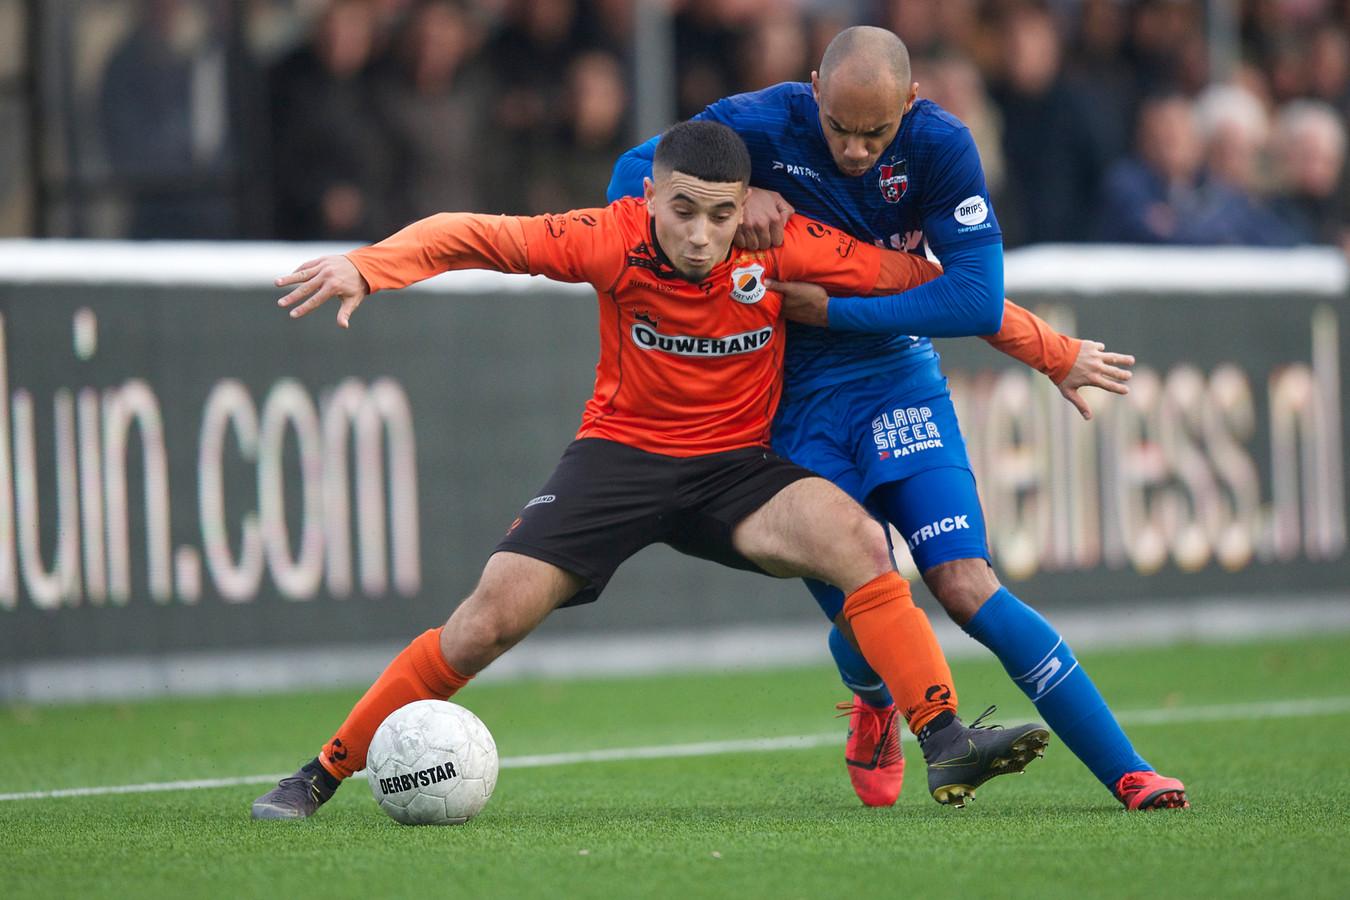 De Treffers-rechtsback Jermo Wilsterman doet verwoedige pogingen om Marouane Afaker van Katwijk van de bal te zetten.